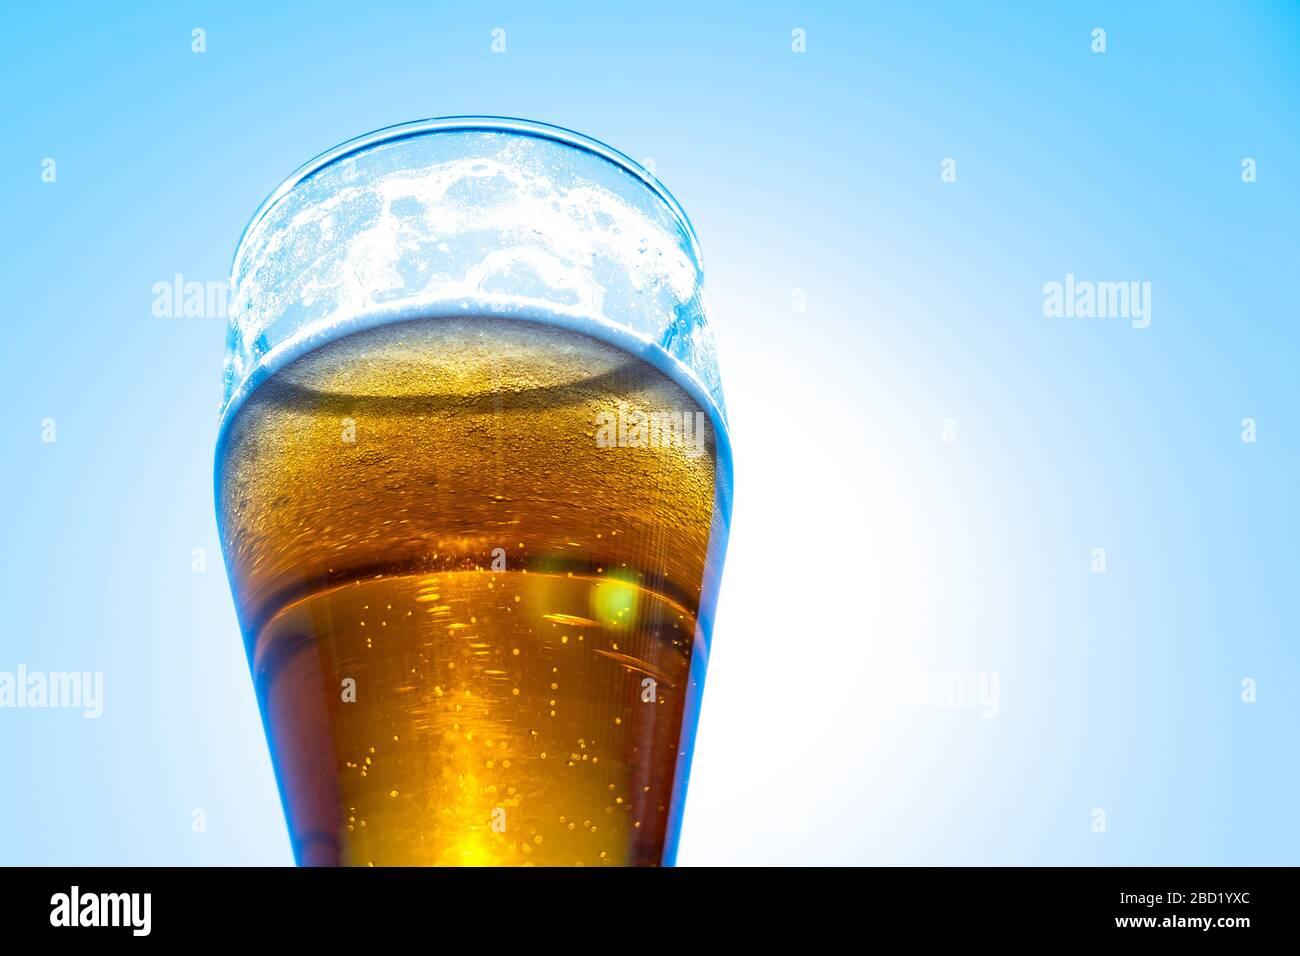 Bière légère dans un gobelet en verre sur un fond de ciel bleu. Mousse de bière sur les murs d'un verre au soleil. Banque D'Images